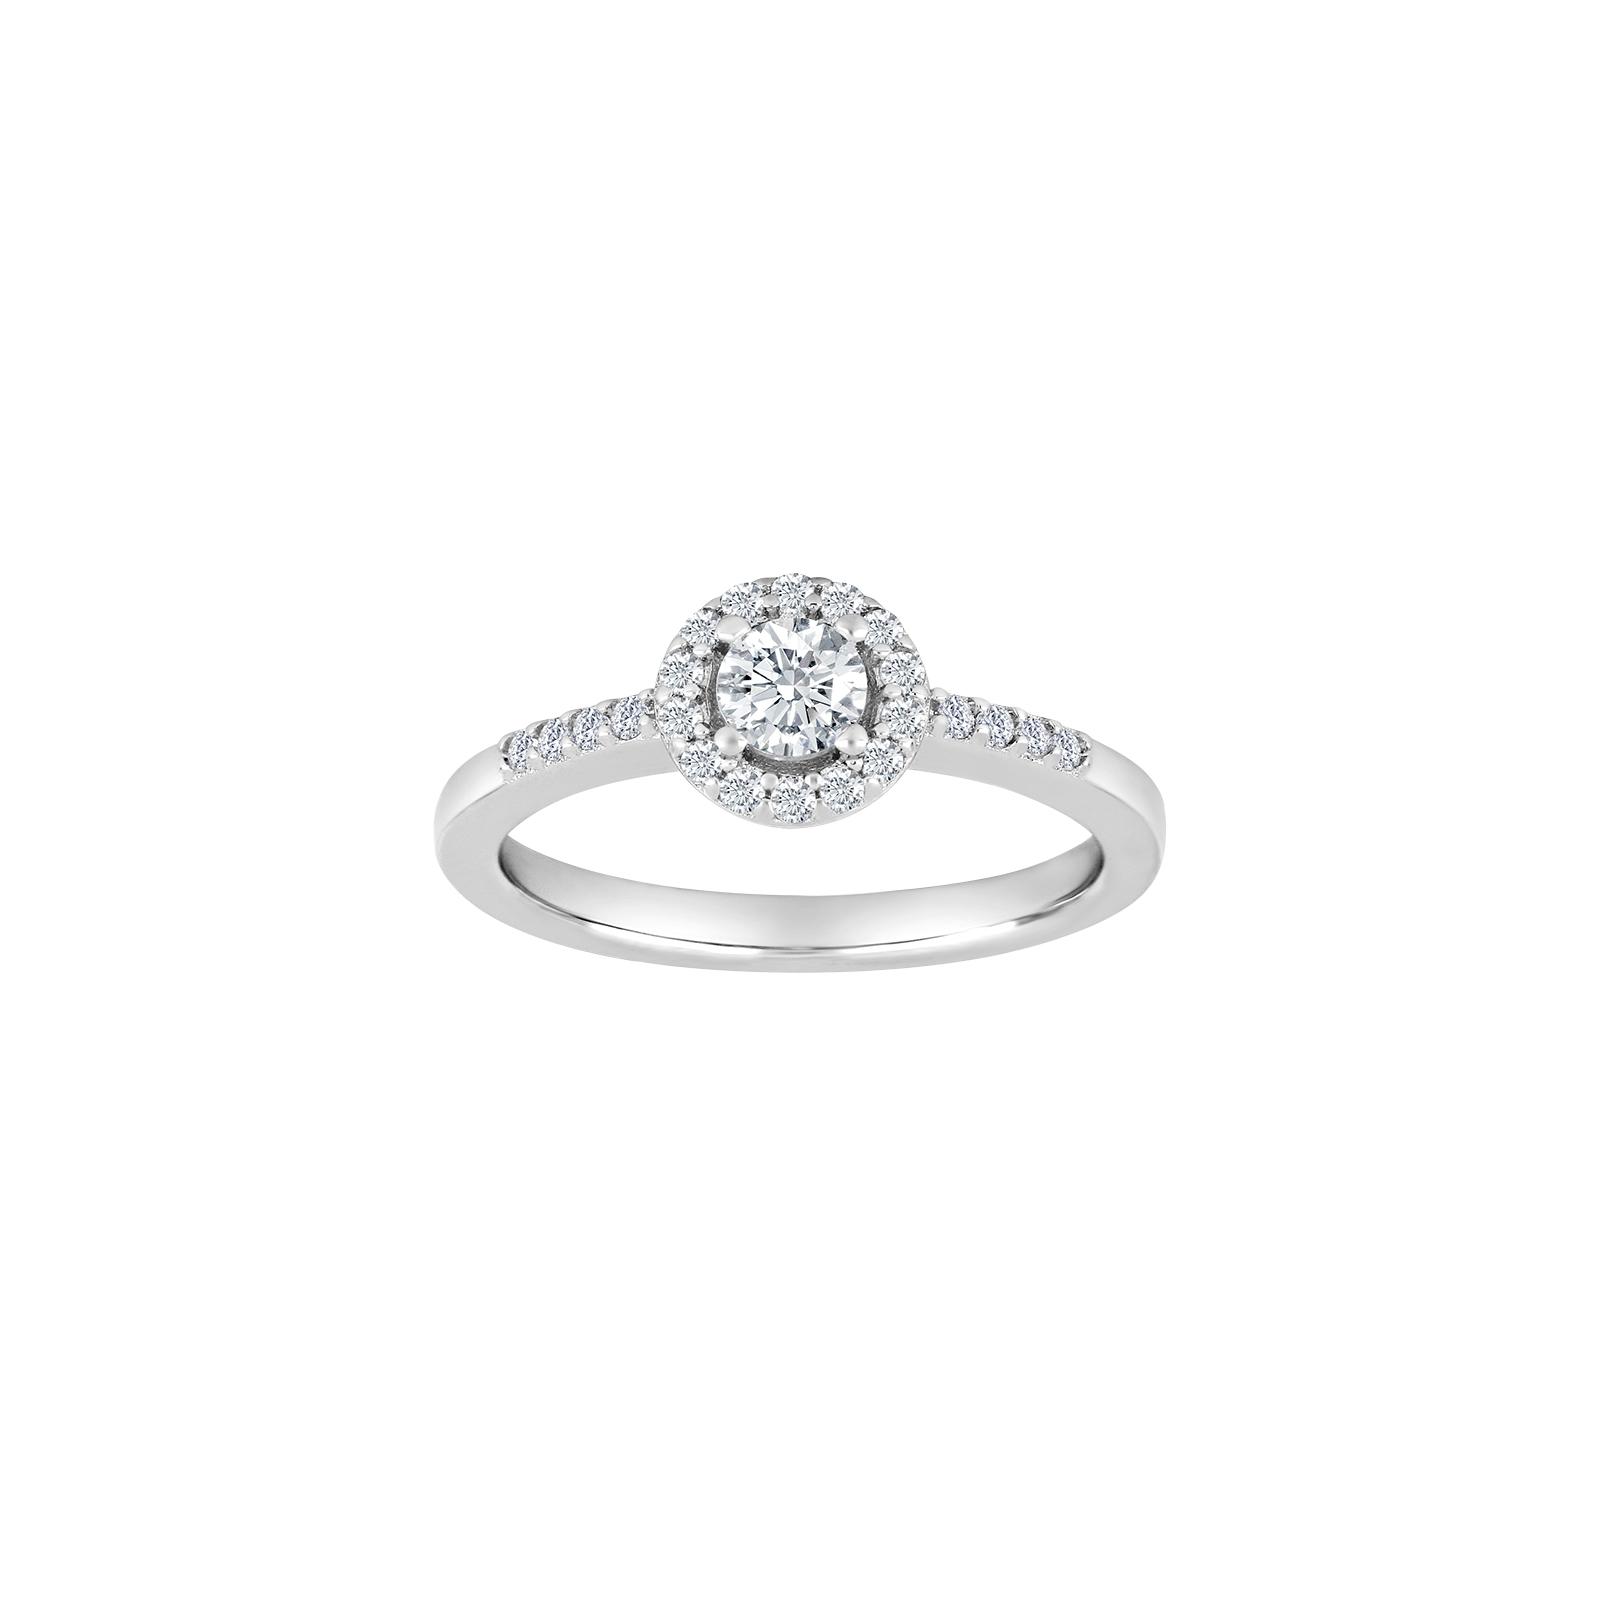 Rhodineret sølv ring med zirkoner.